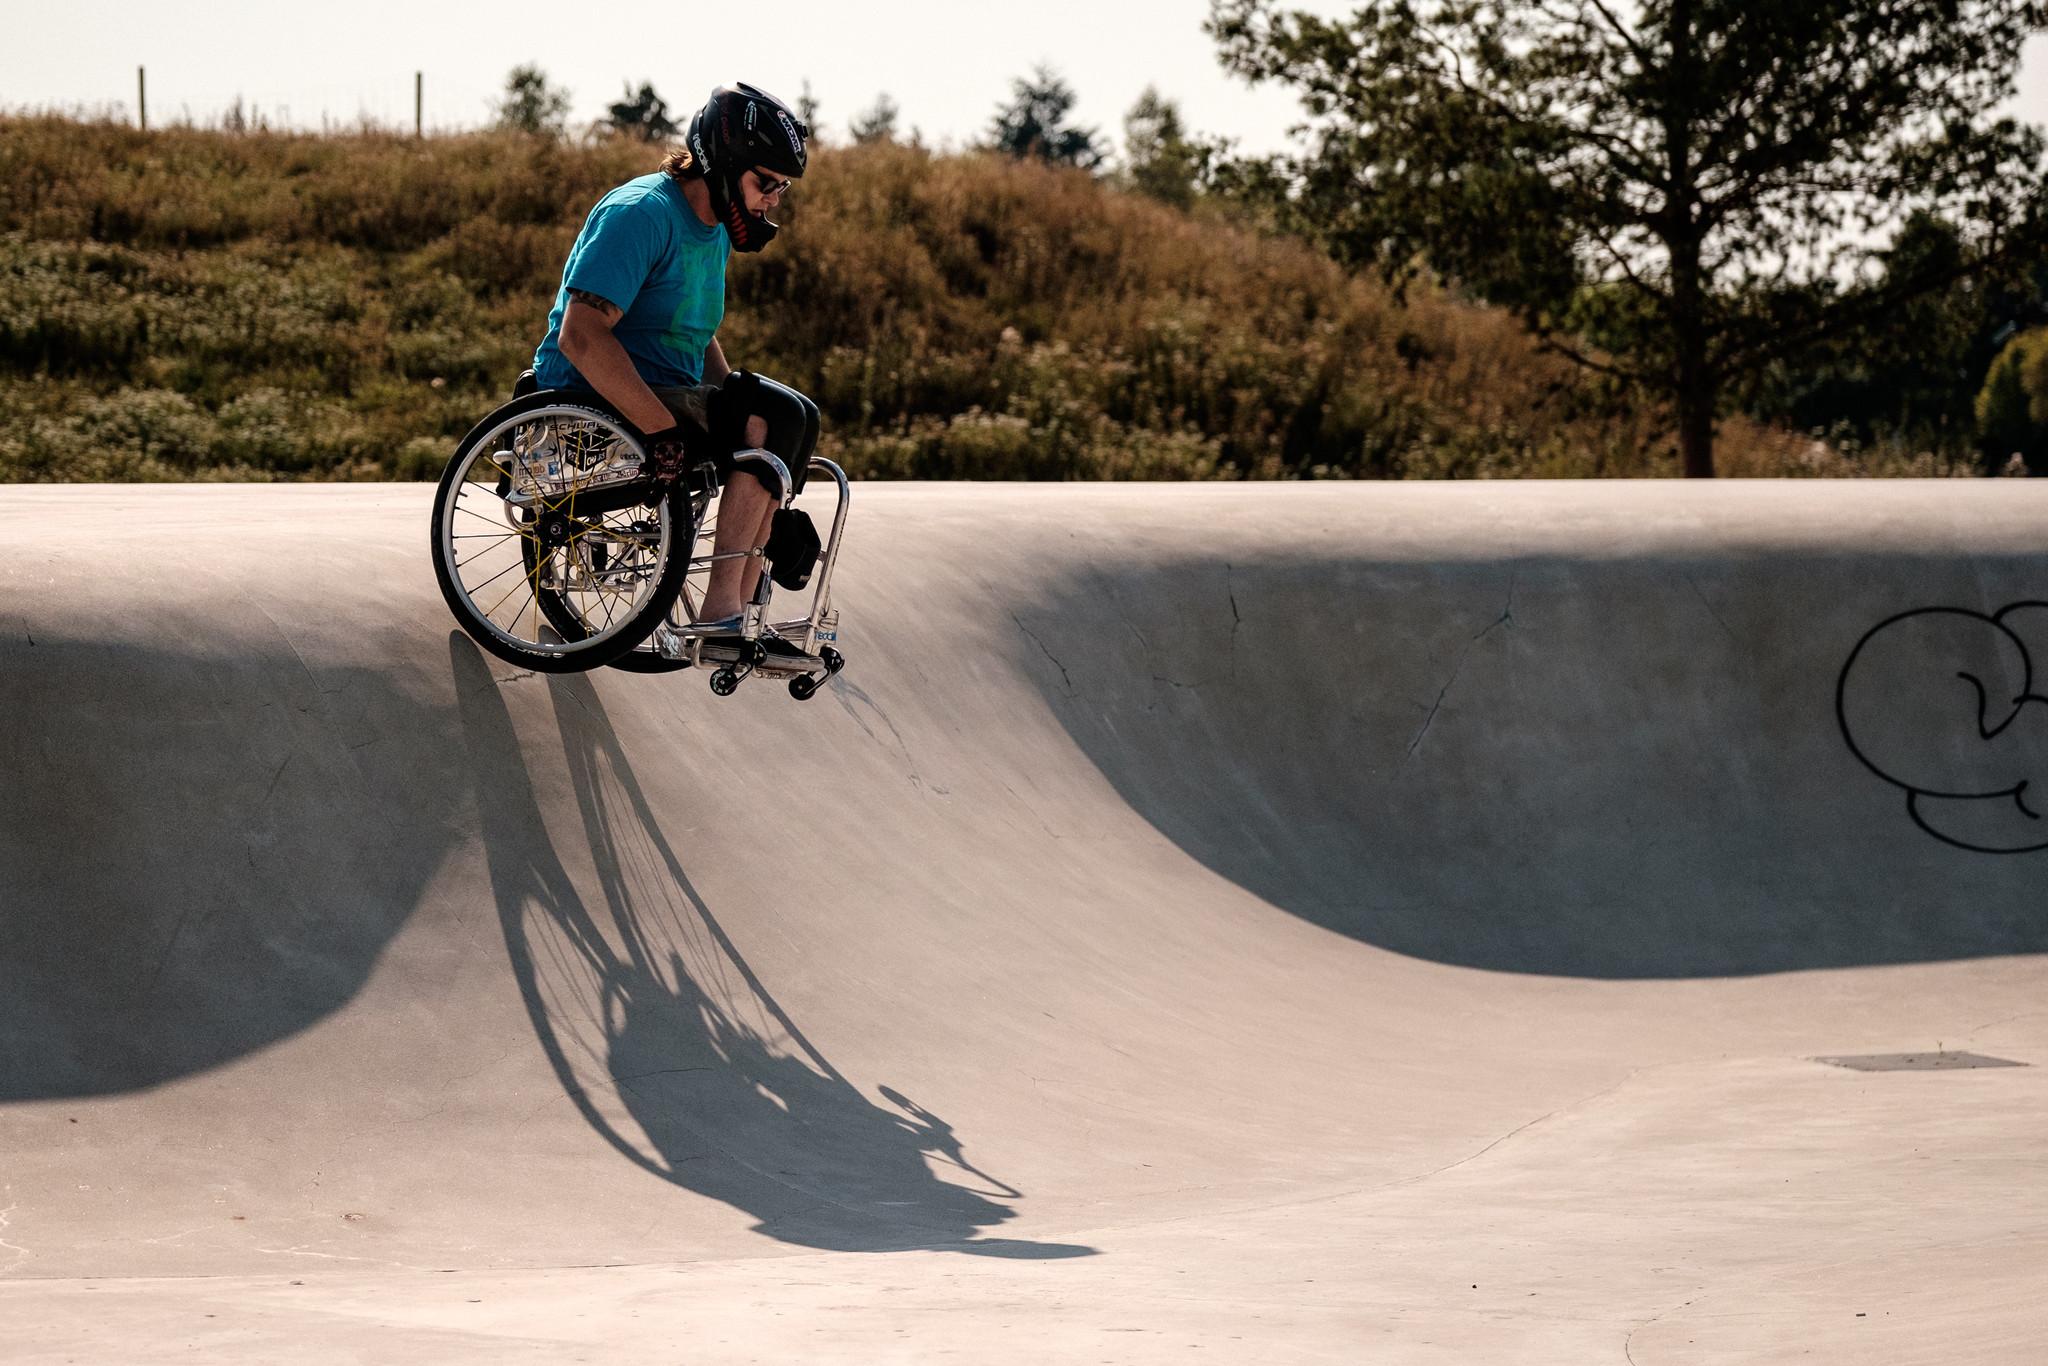 Mit dem Rollstuhl auf die Skatebahn